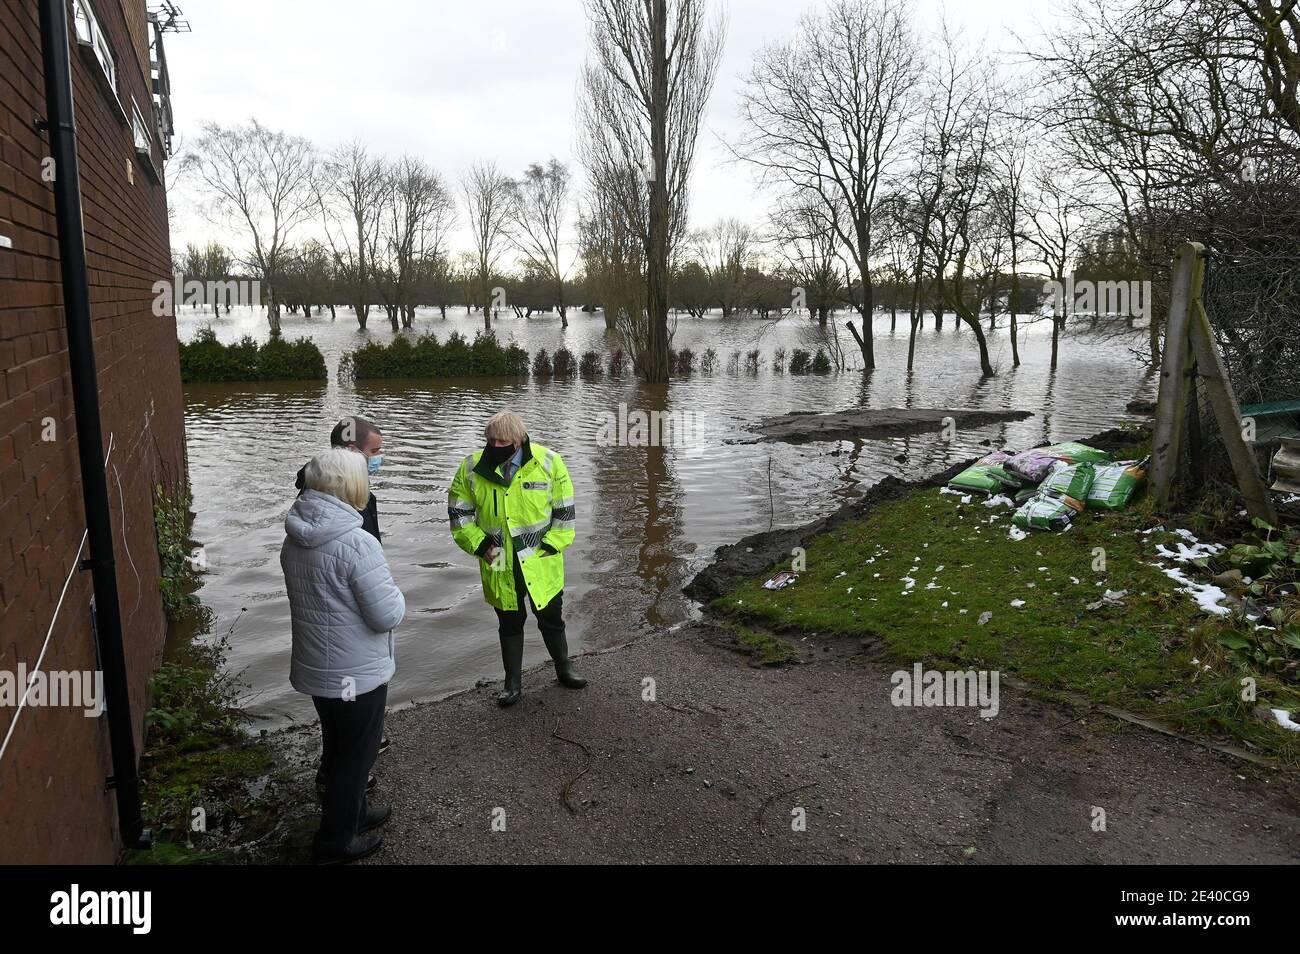 Großbritanniens Premierminister Boris Johnson spricht mit den Anwohnern während seines Besuchs in Whington in Manchester, während Sturm Christoph schwere Regenfälle und Überschwemmungen im ganzen Land, Großbritannien, 21. Januar 2021, bringt. Paul Ellis/Pool via REUTERS Stockfoto